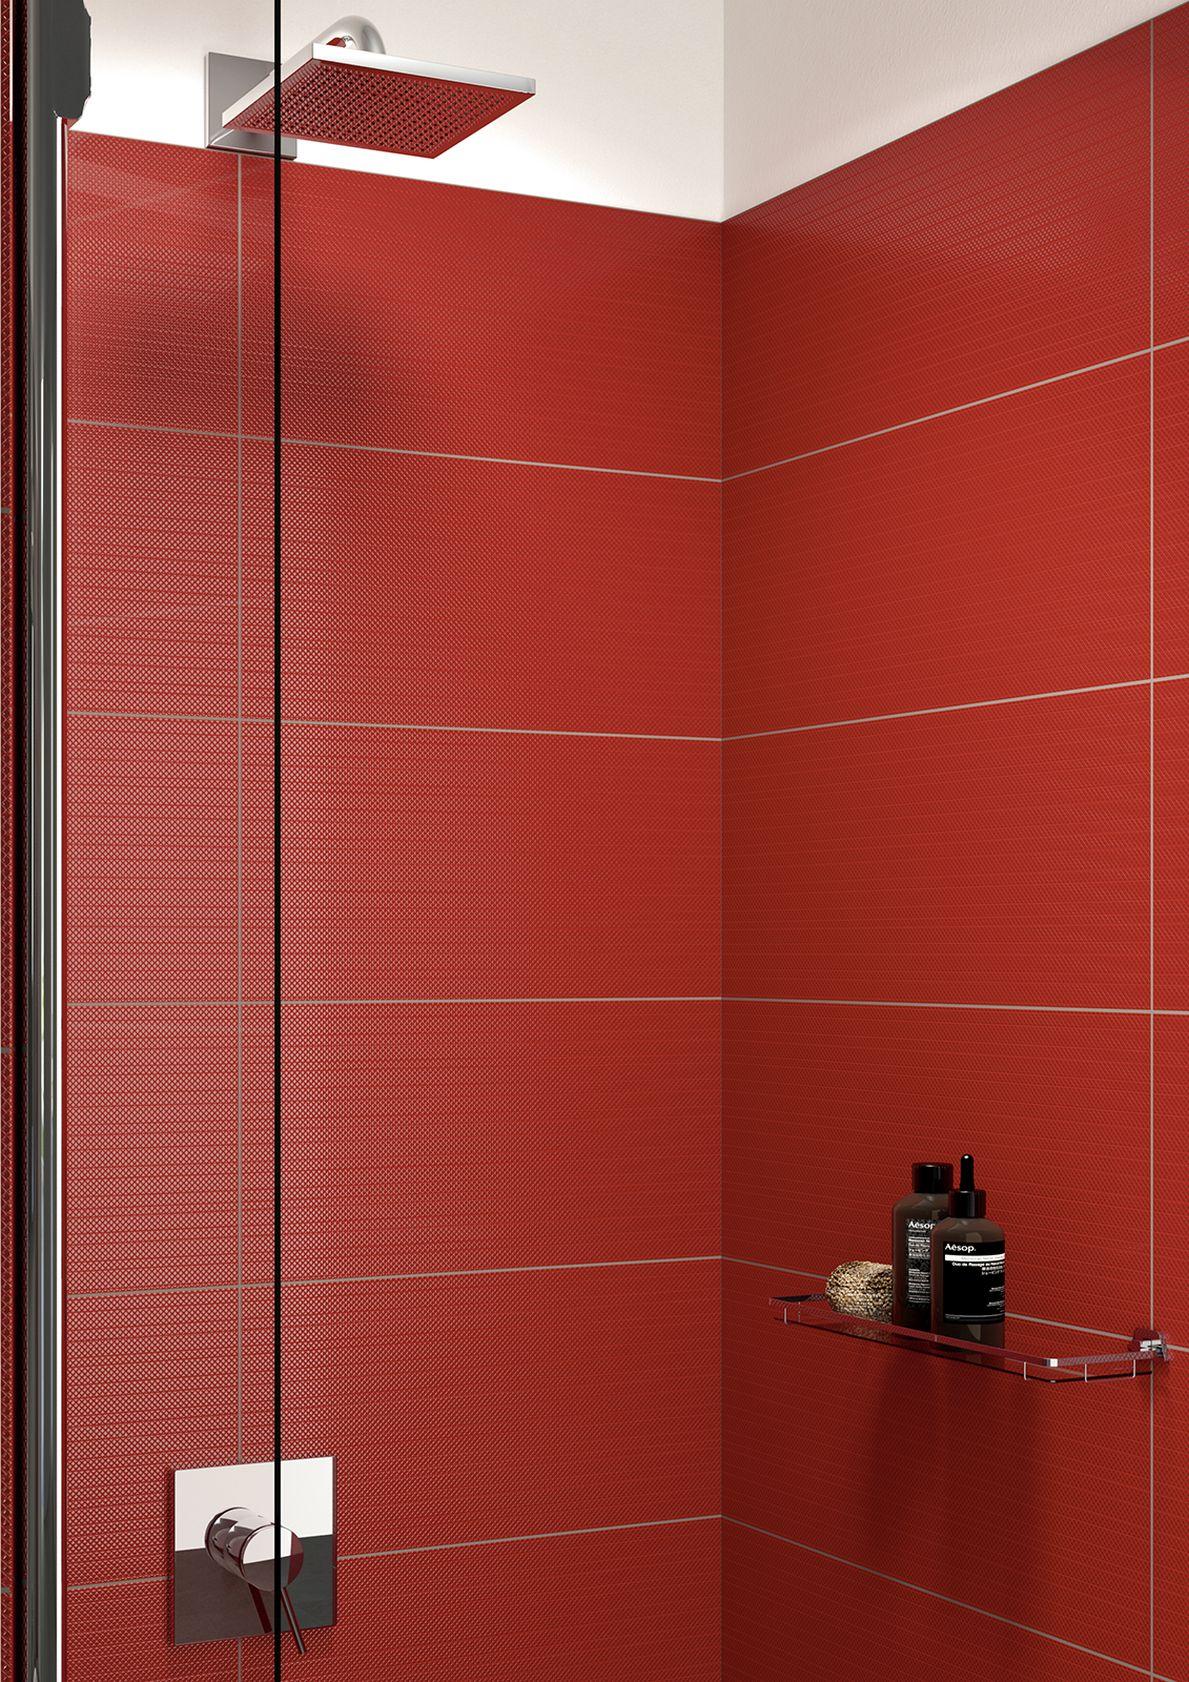 Piastrelle Rosso: guarda le collezioni | Marazzi